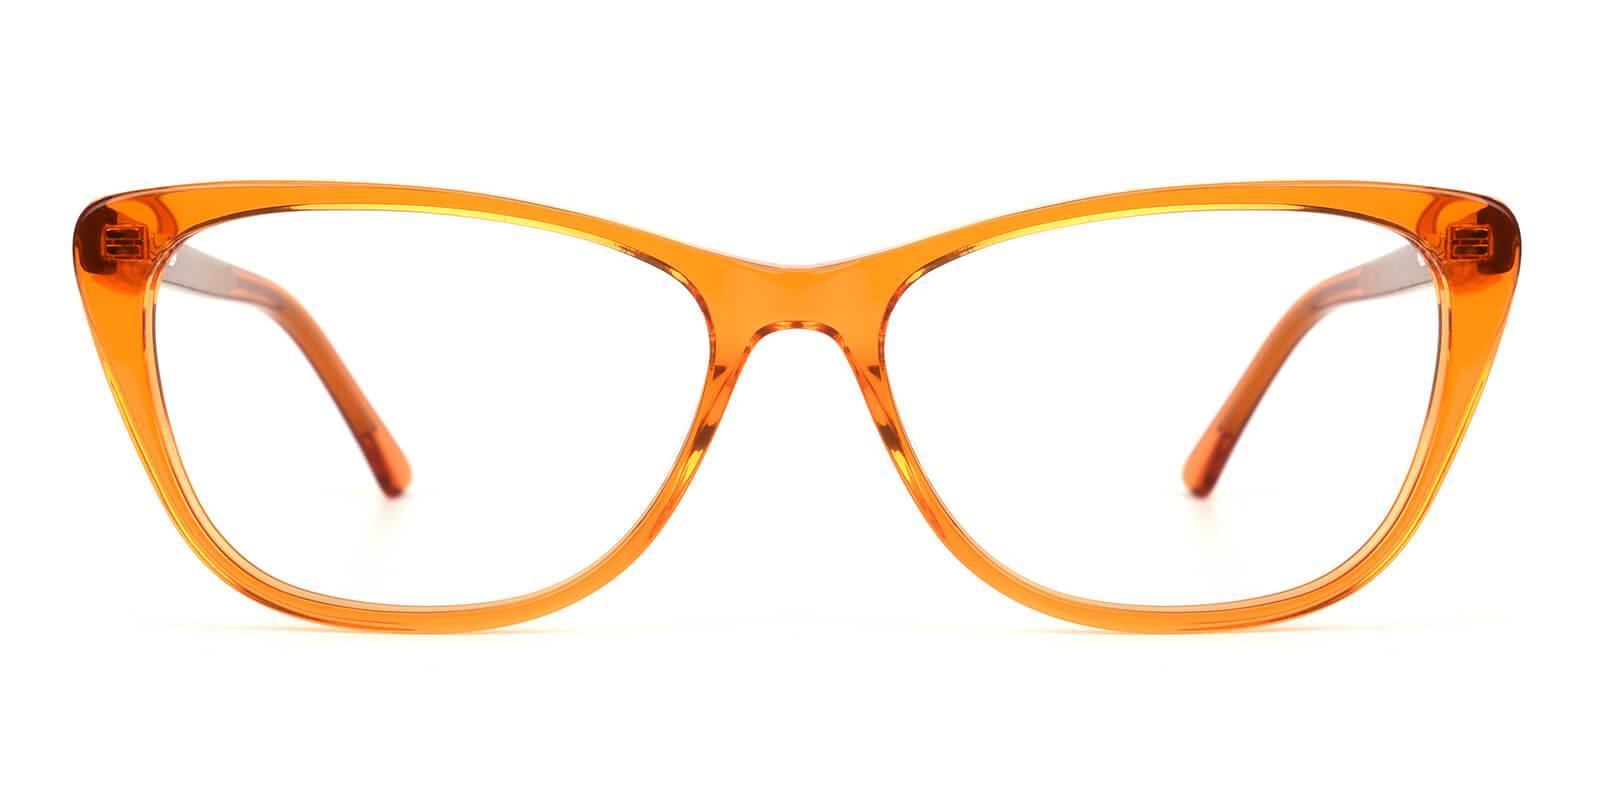 Tersaki-Orange-Cat-Acetate-Eyeglasses-additional2